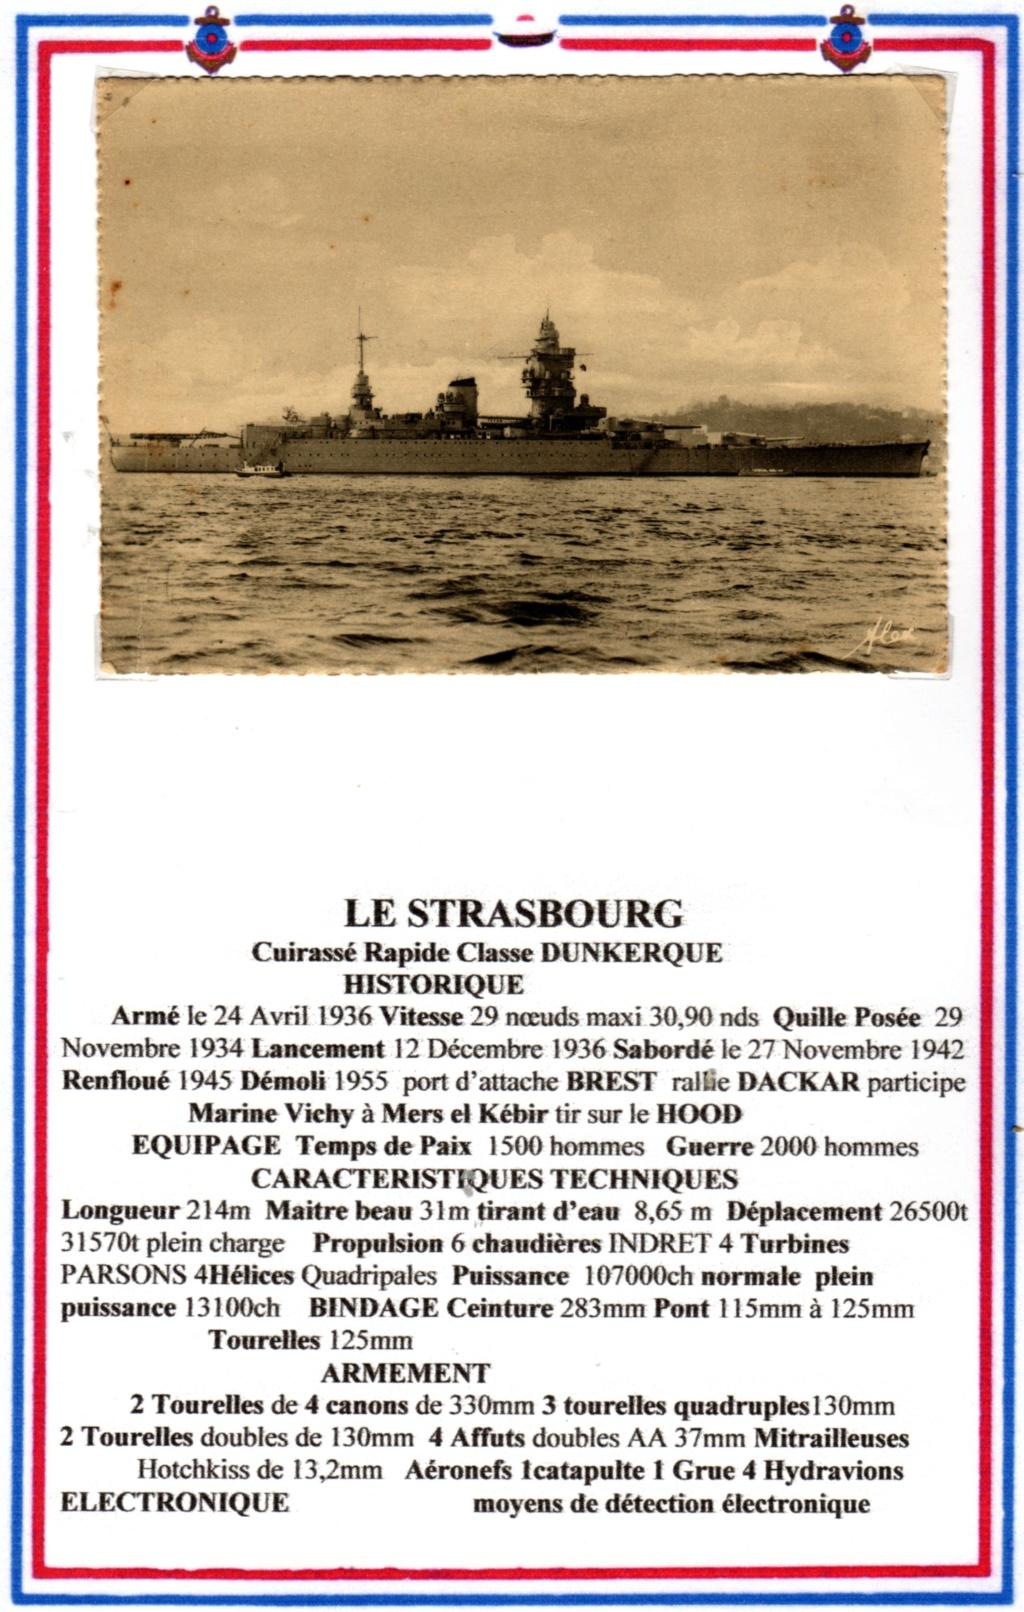 [Les batiments de ligne] STRASBOURG - 1936 - Page 2 Img16310